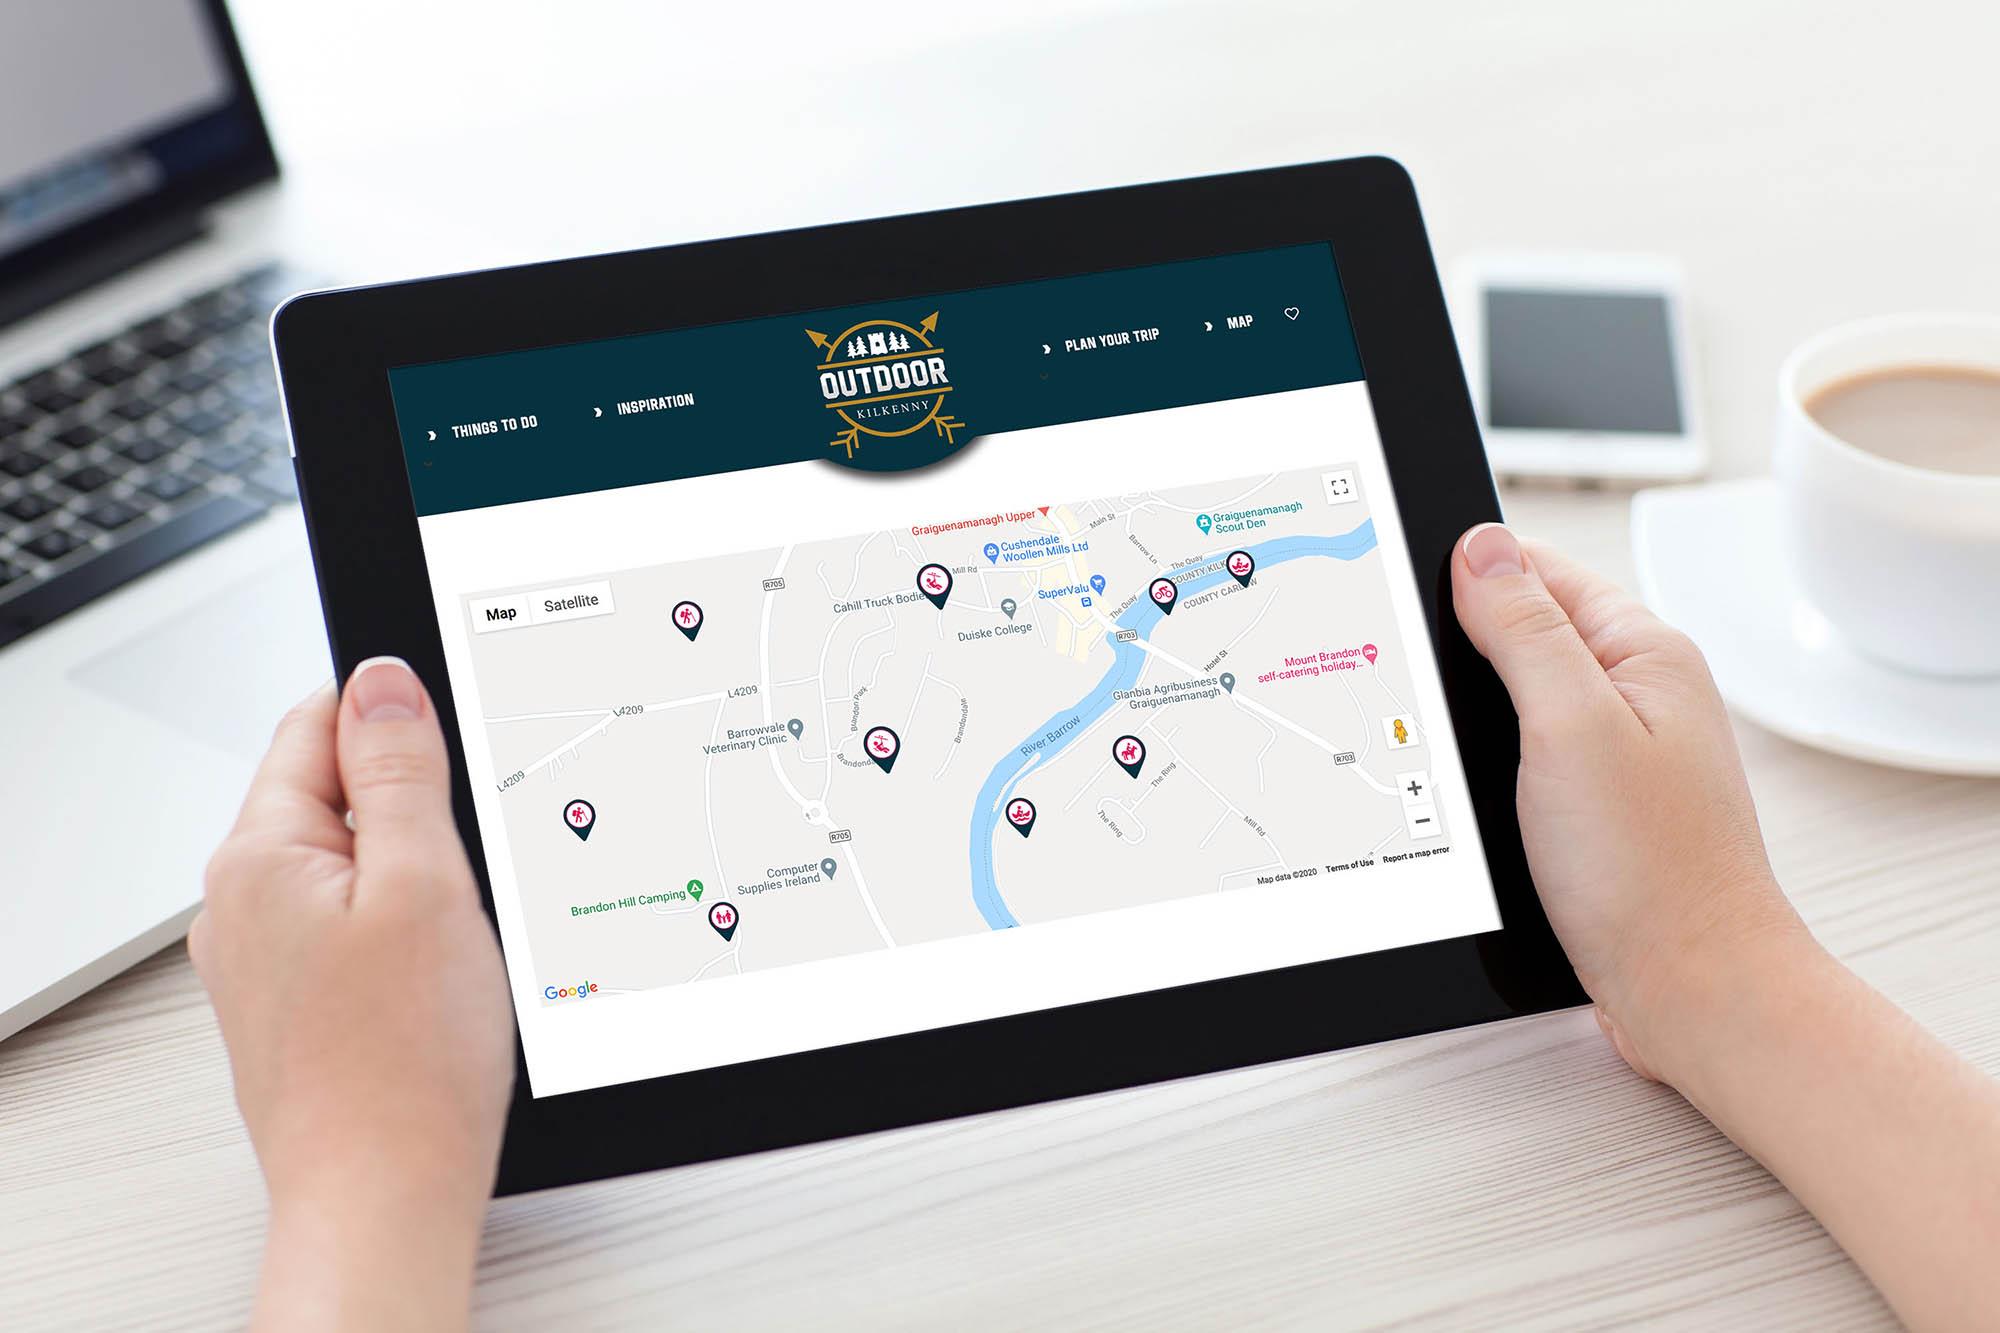 Øutdoor Kilkenny Web Design Map